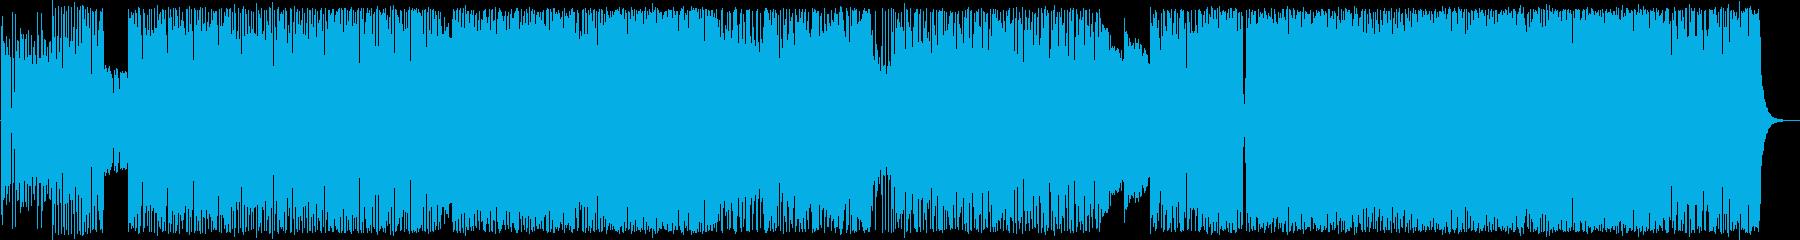 ダークで激しいロックポップスの再生済みの波形